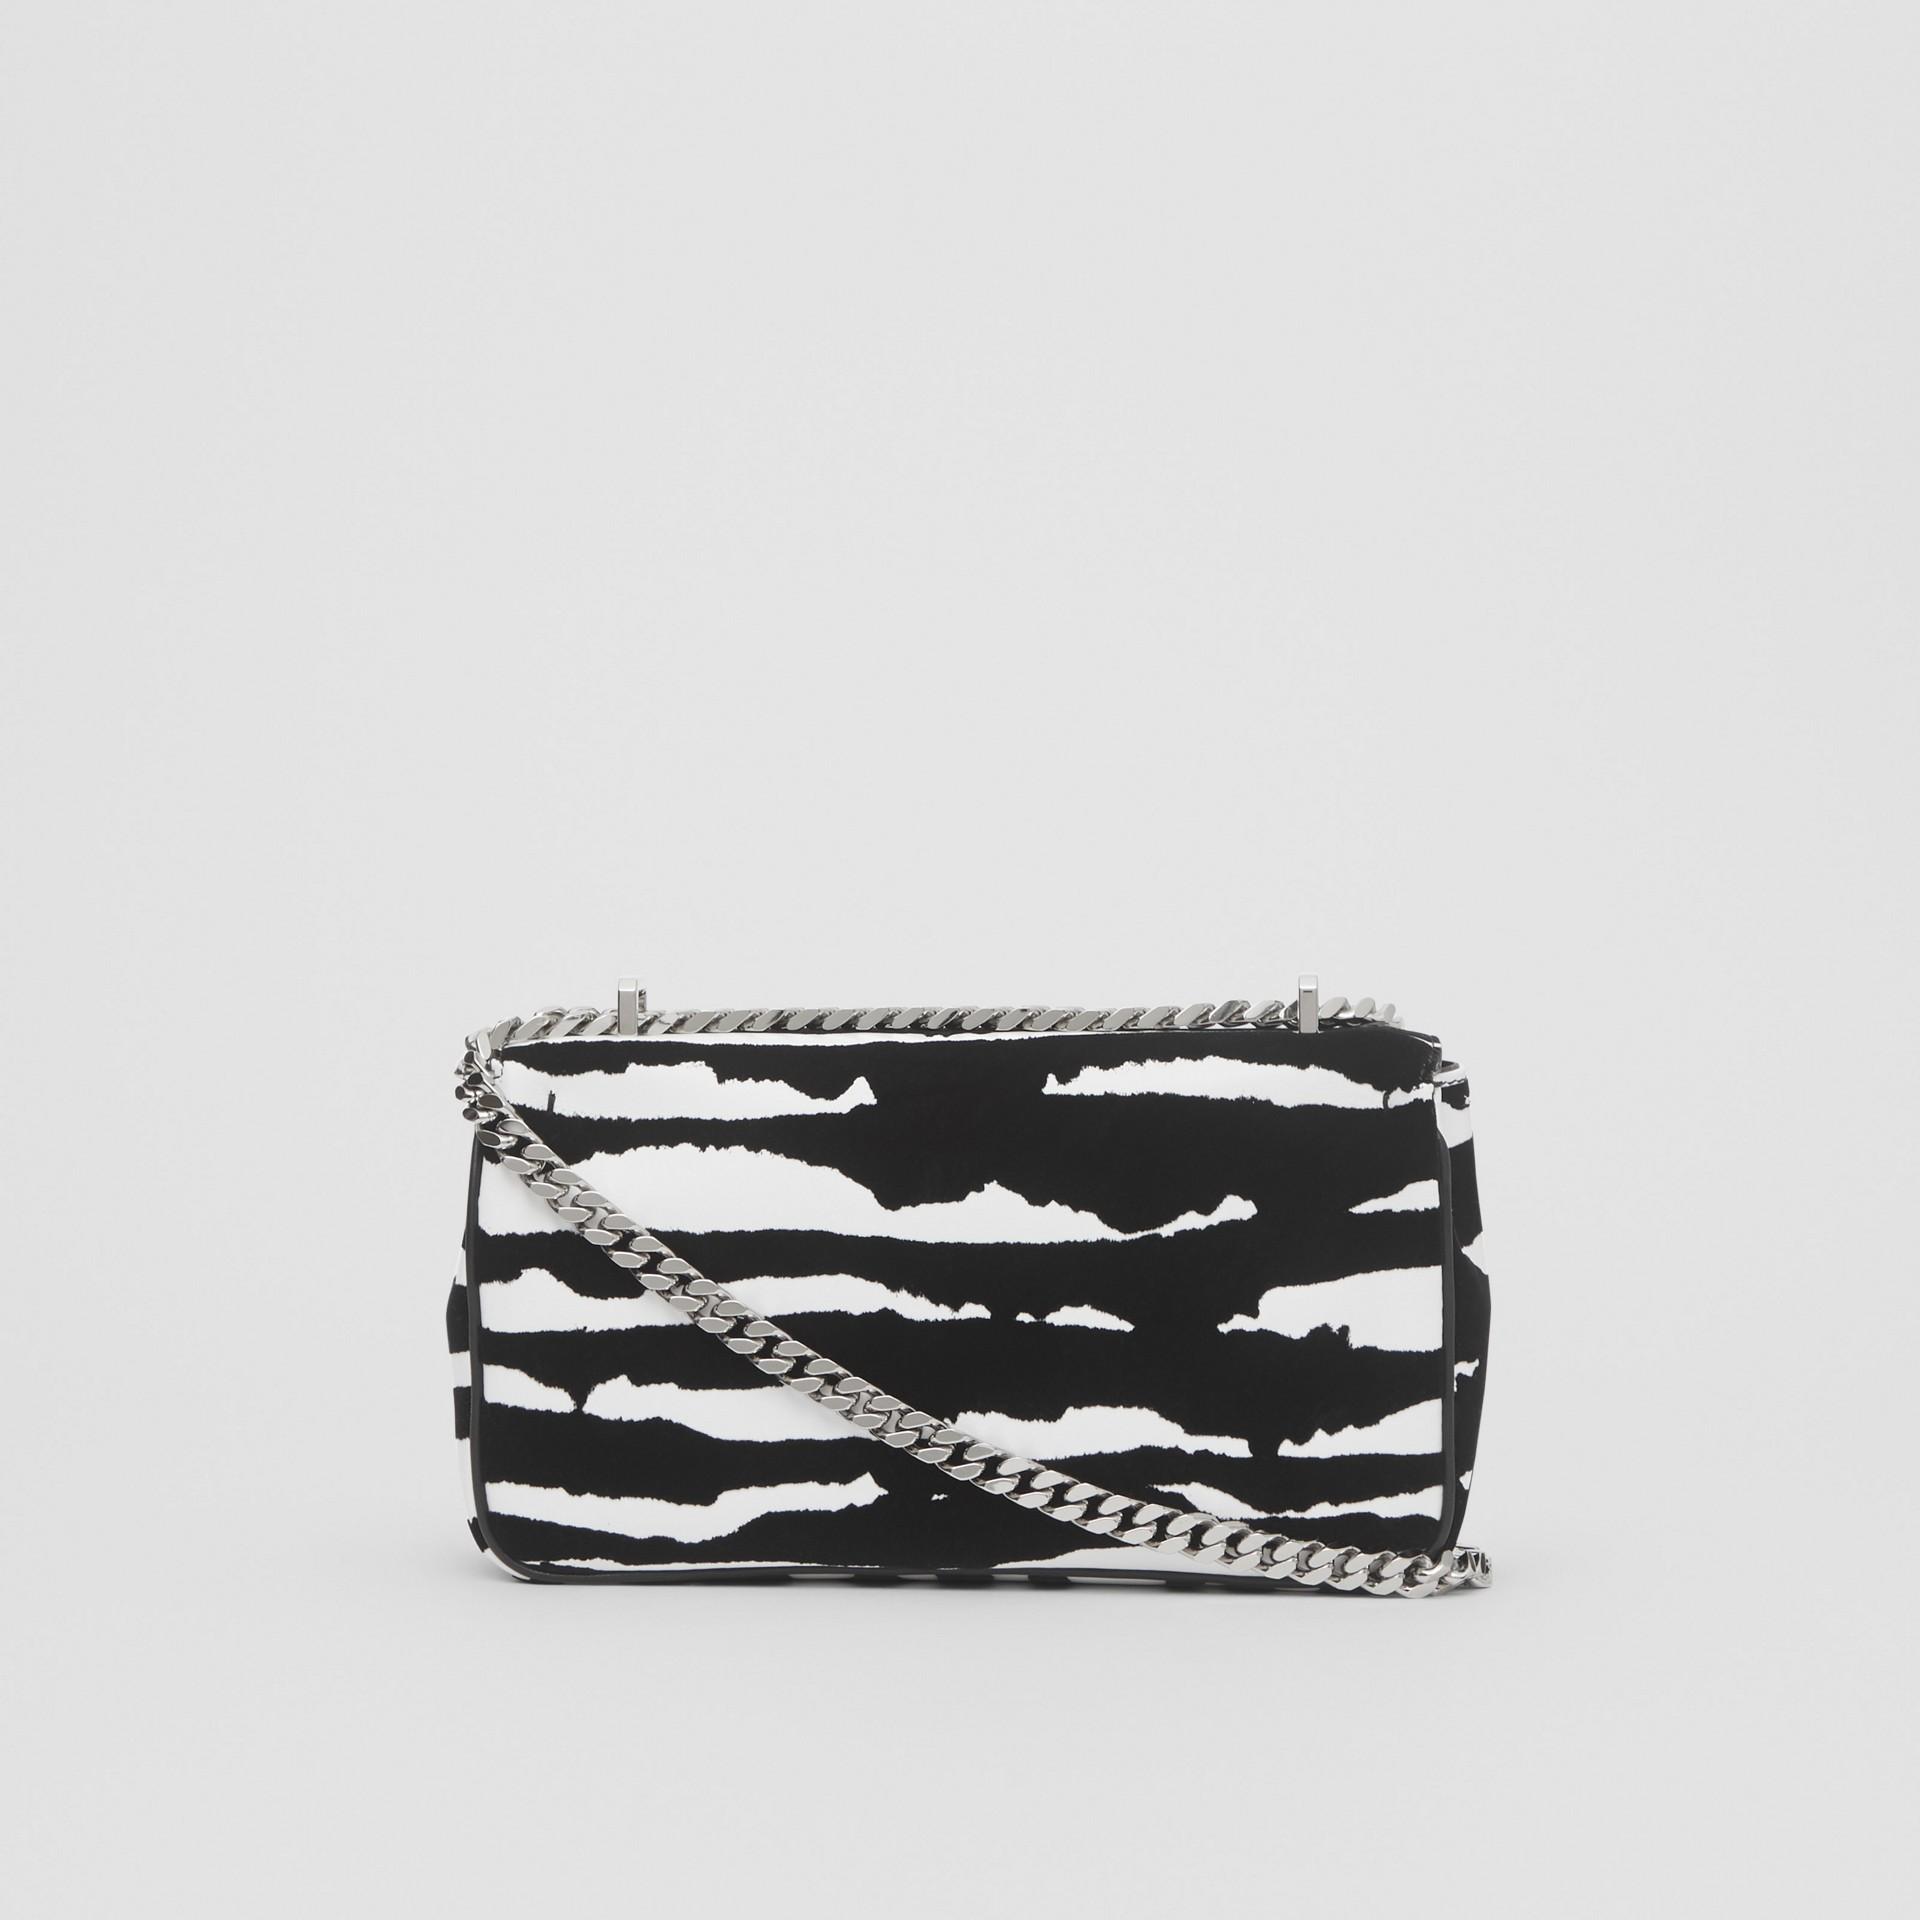 Borsa Lola piccola in pelle floccata con motivo acquerello (Bianco/nero) - Donna | Burberry - immagine della galleria 7